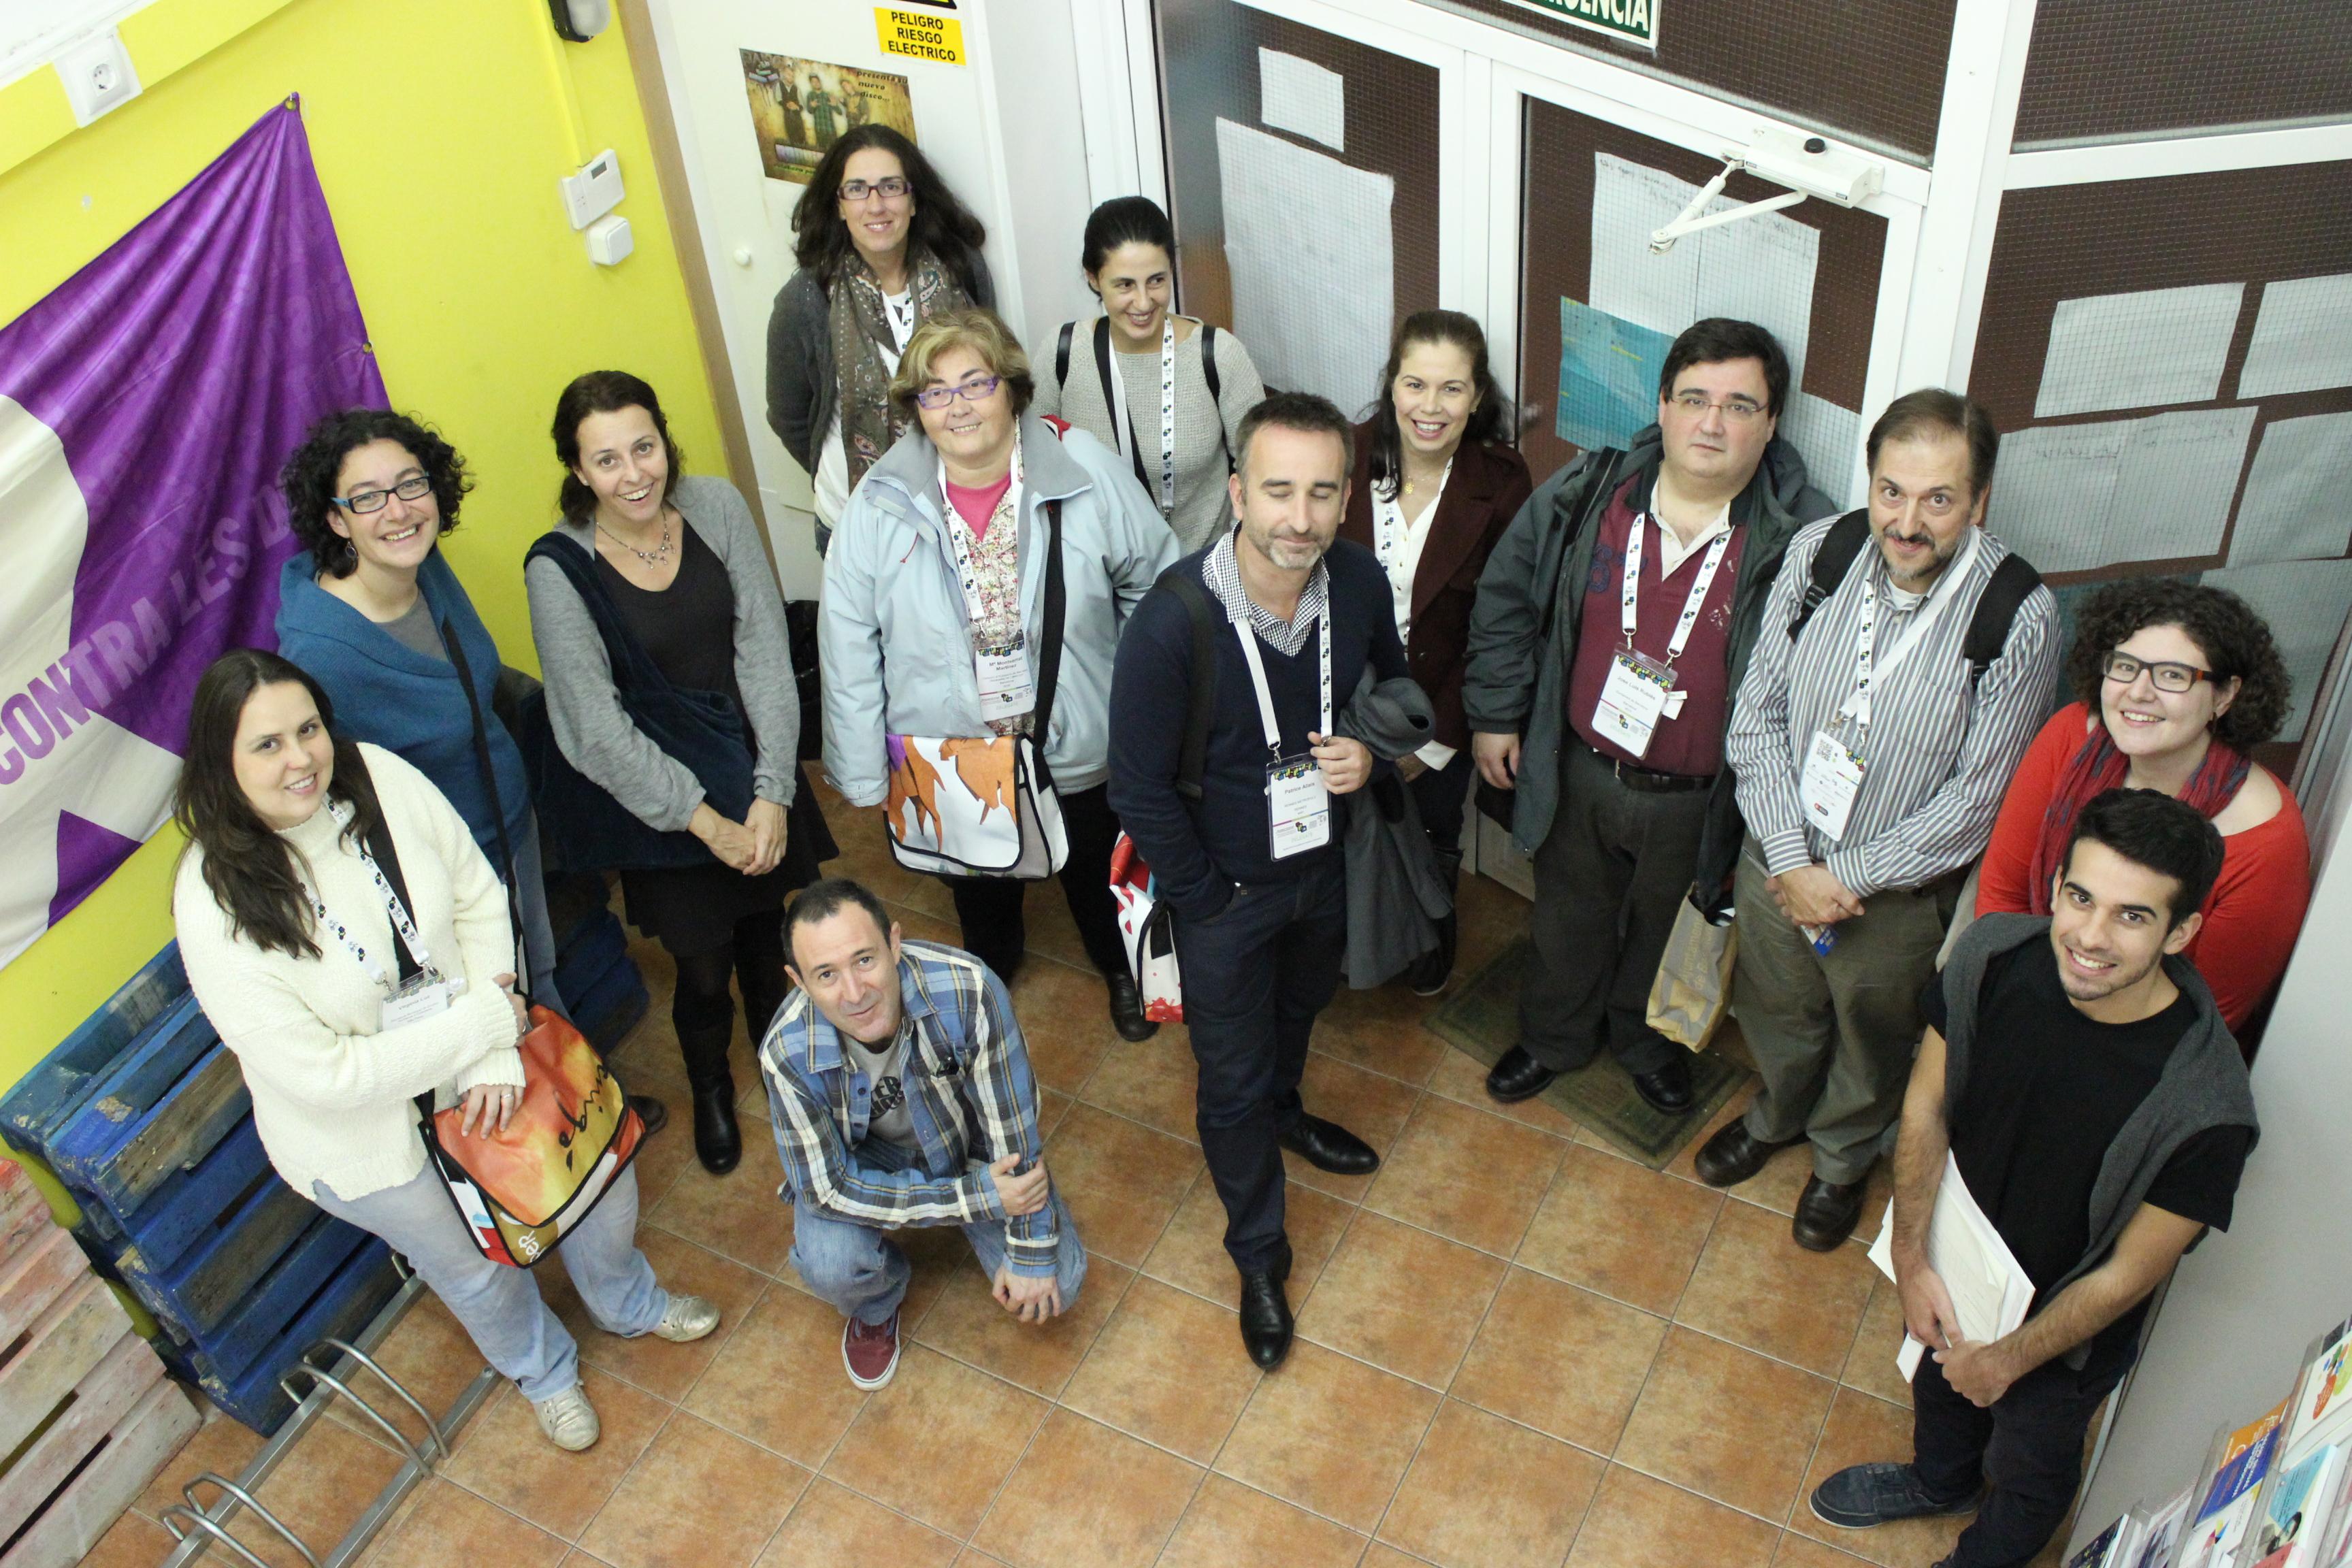 foto grup visita Congrés Ciutats Educadores